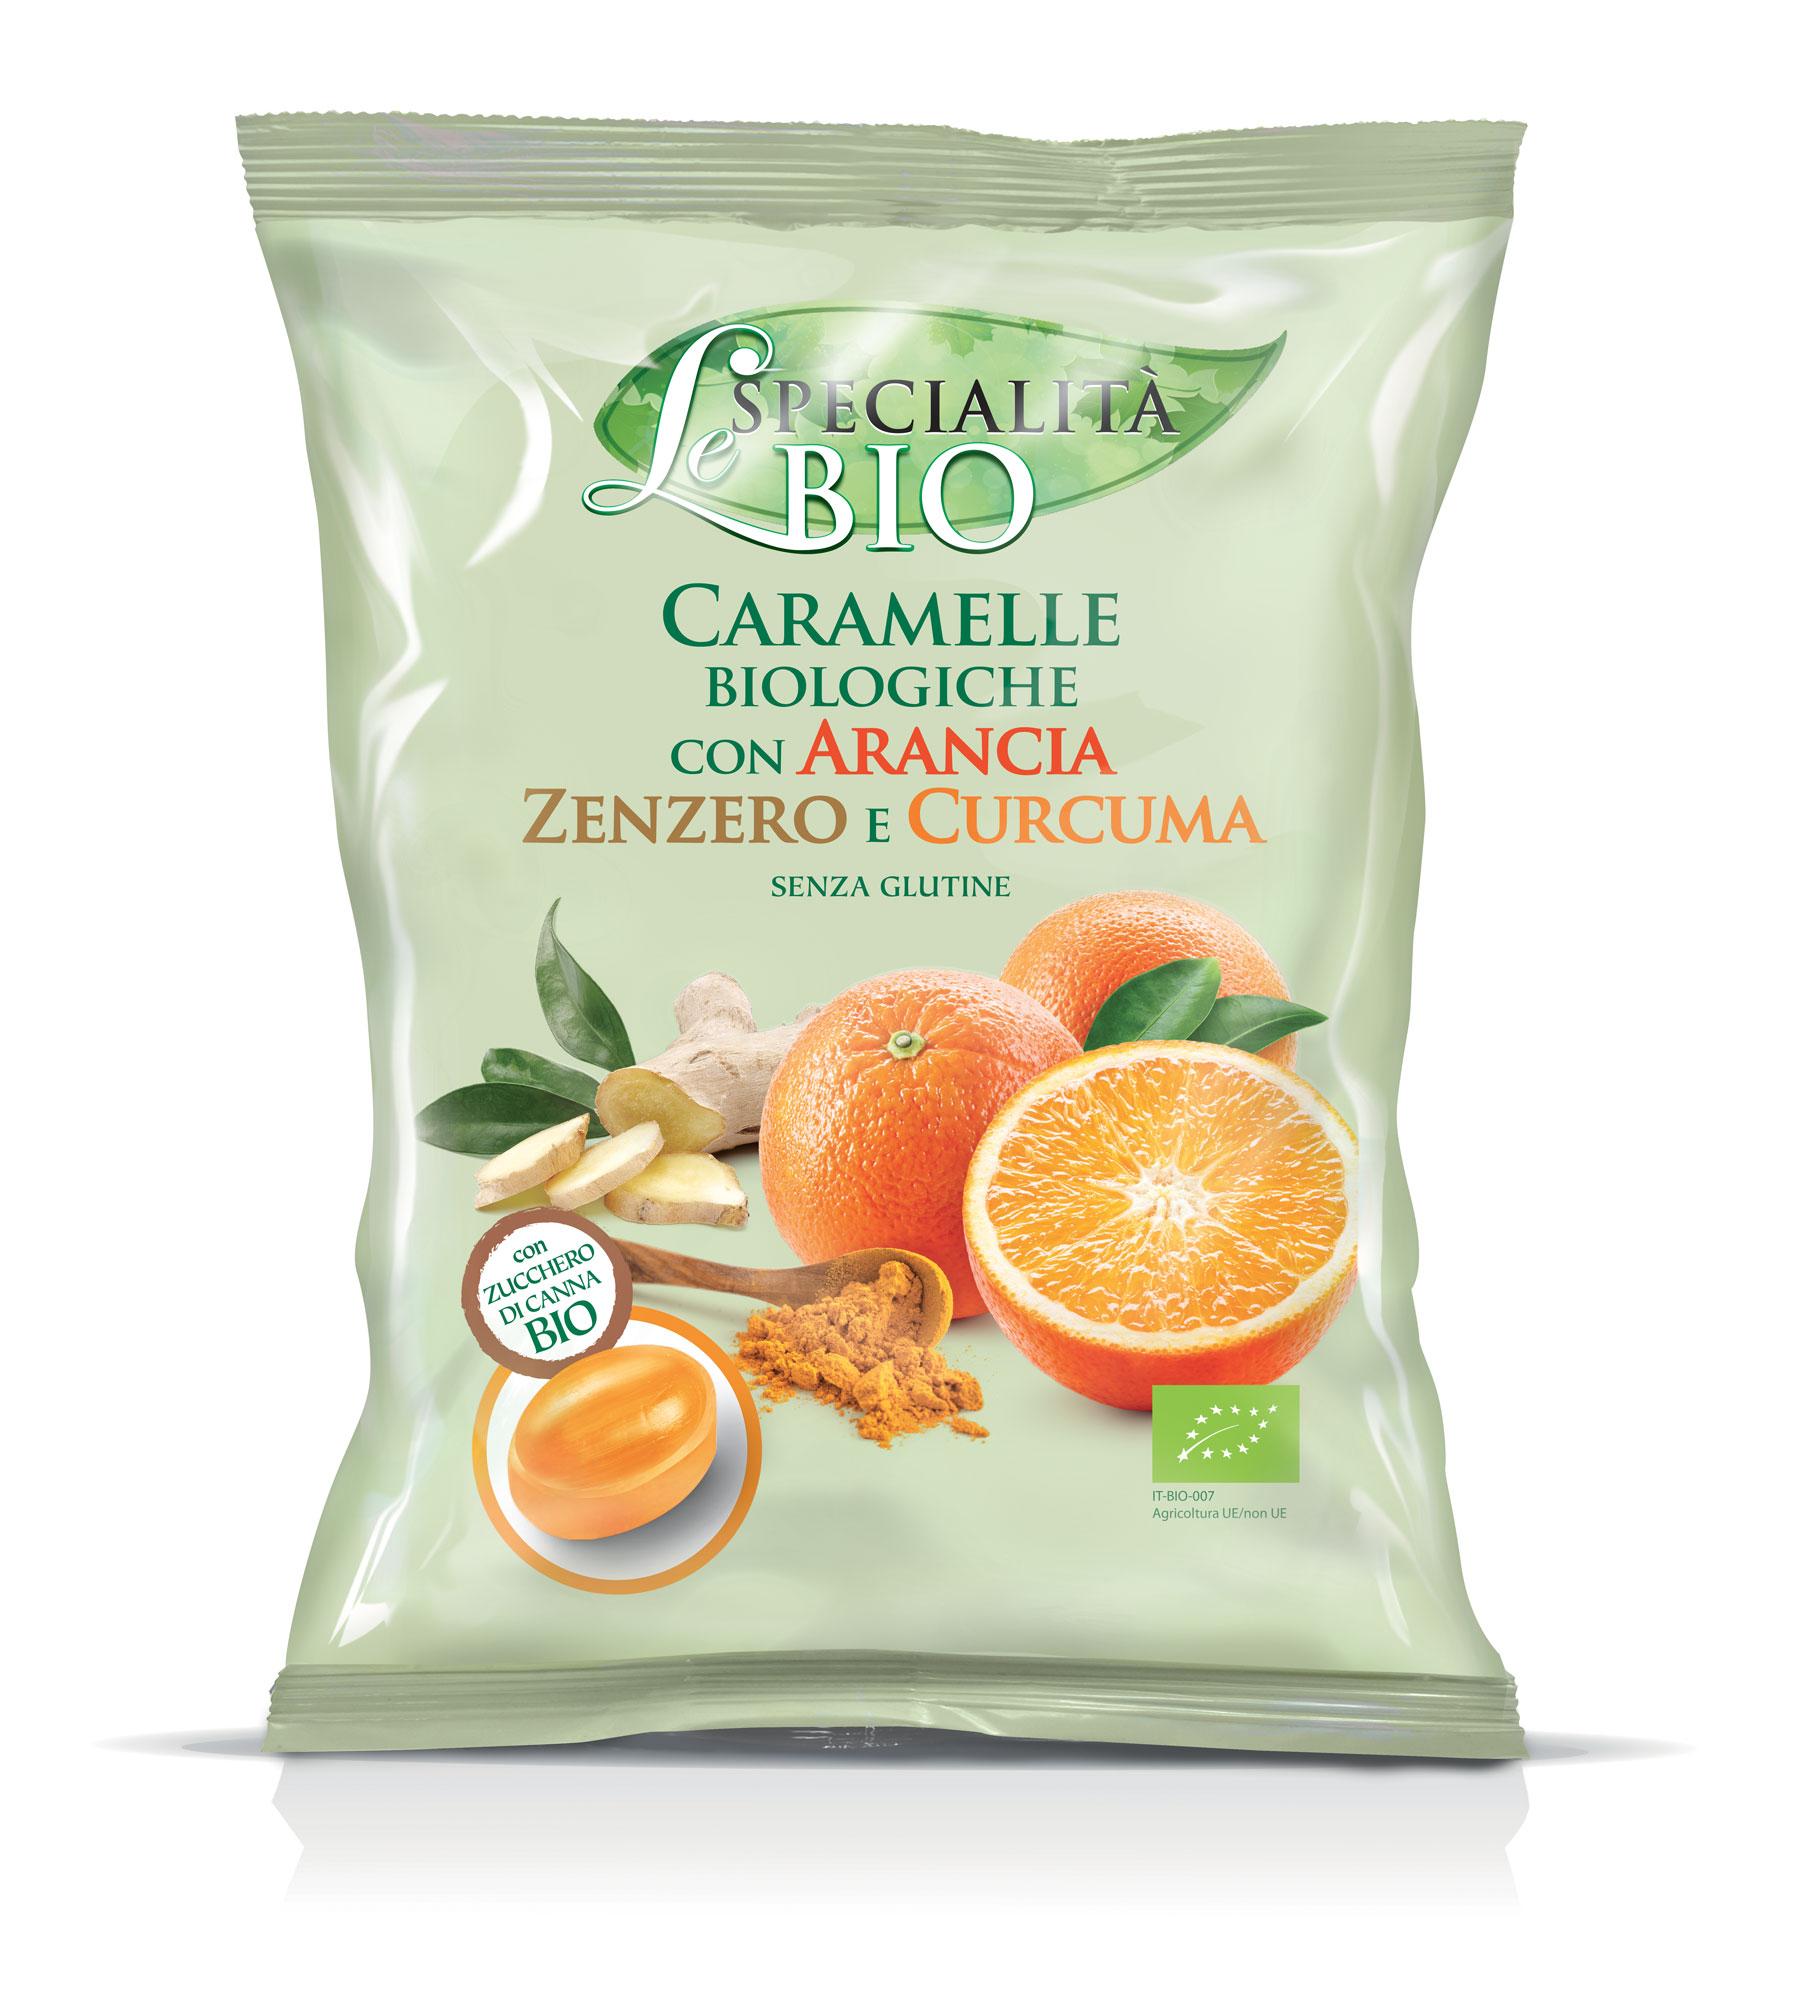 Конфеты Le Specialita Bio с апельсином имбирем и куркума